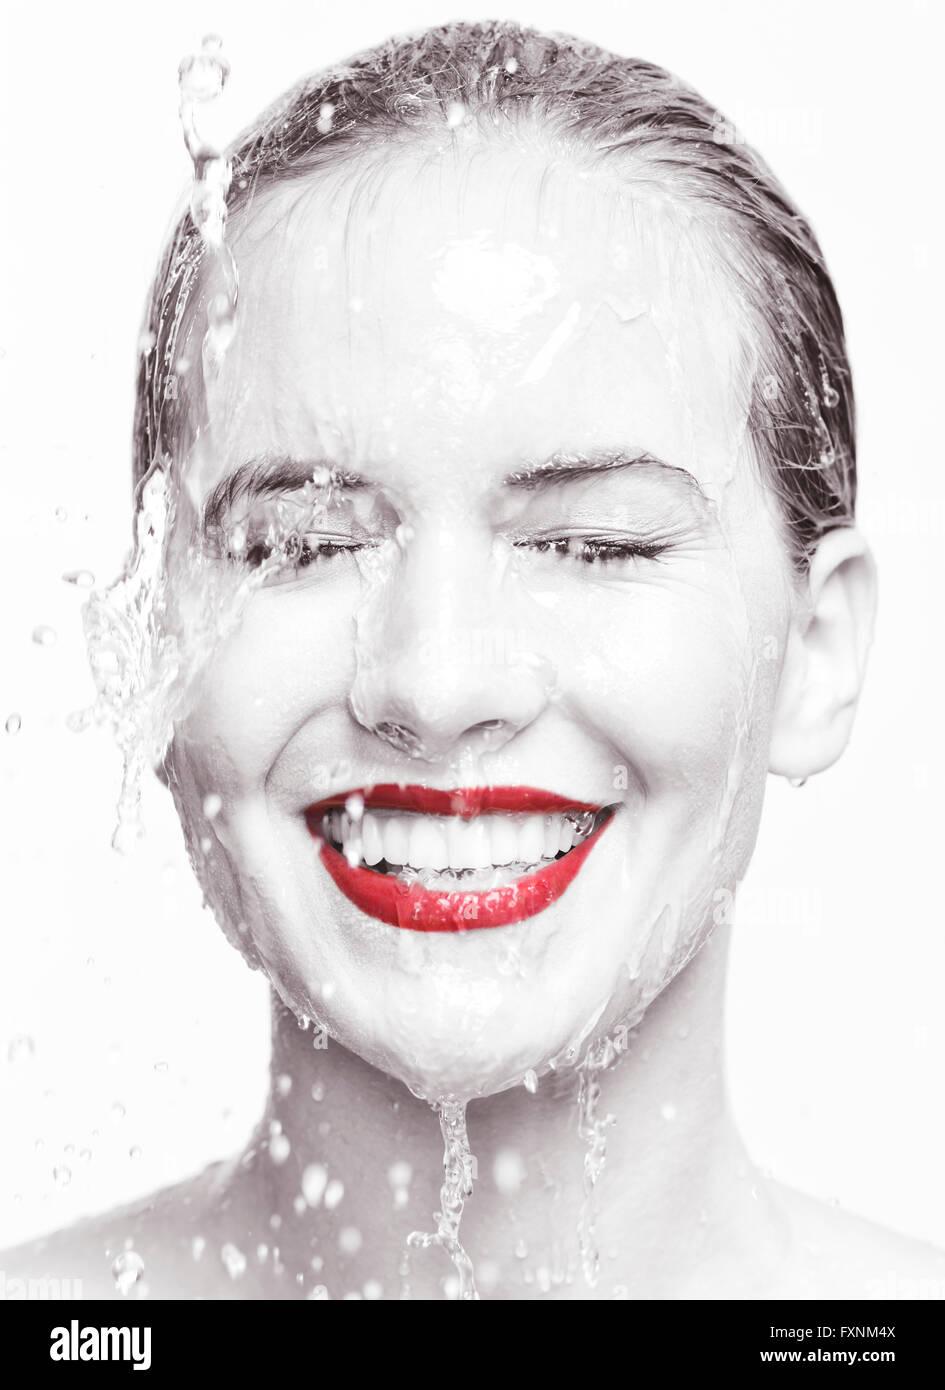 Smiling woman's face avec le rouge à lèvres rouge avec de l'eau tournant sur elle Photo Stock